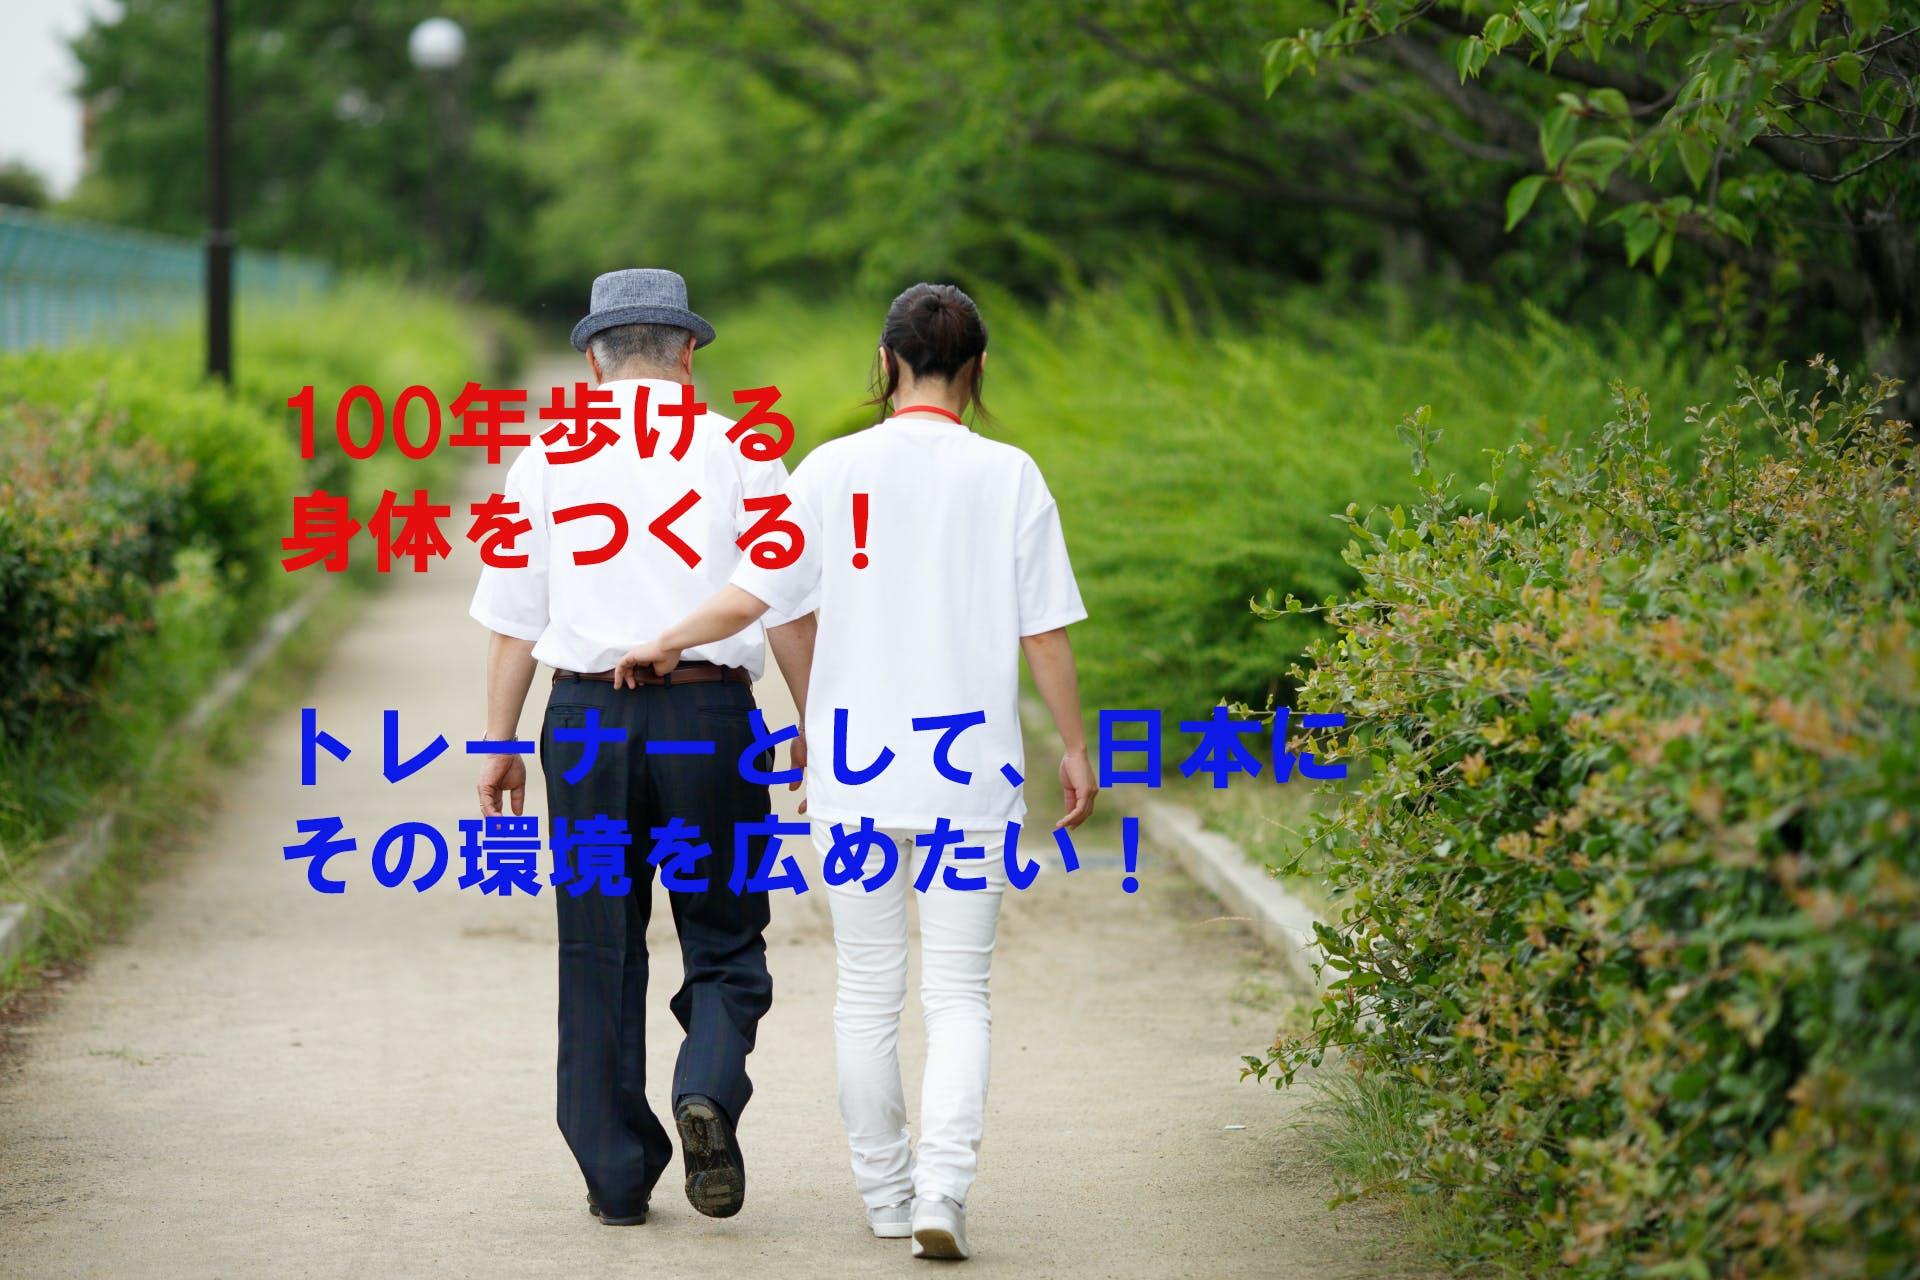 Df885305a9e4768a4651bb651a888f70 m.jpg?ixlib=rails 2.1